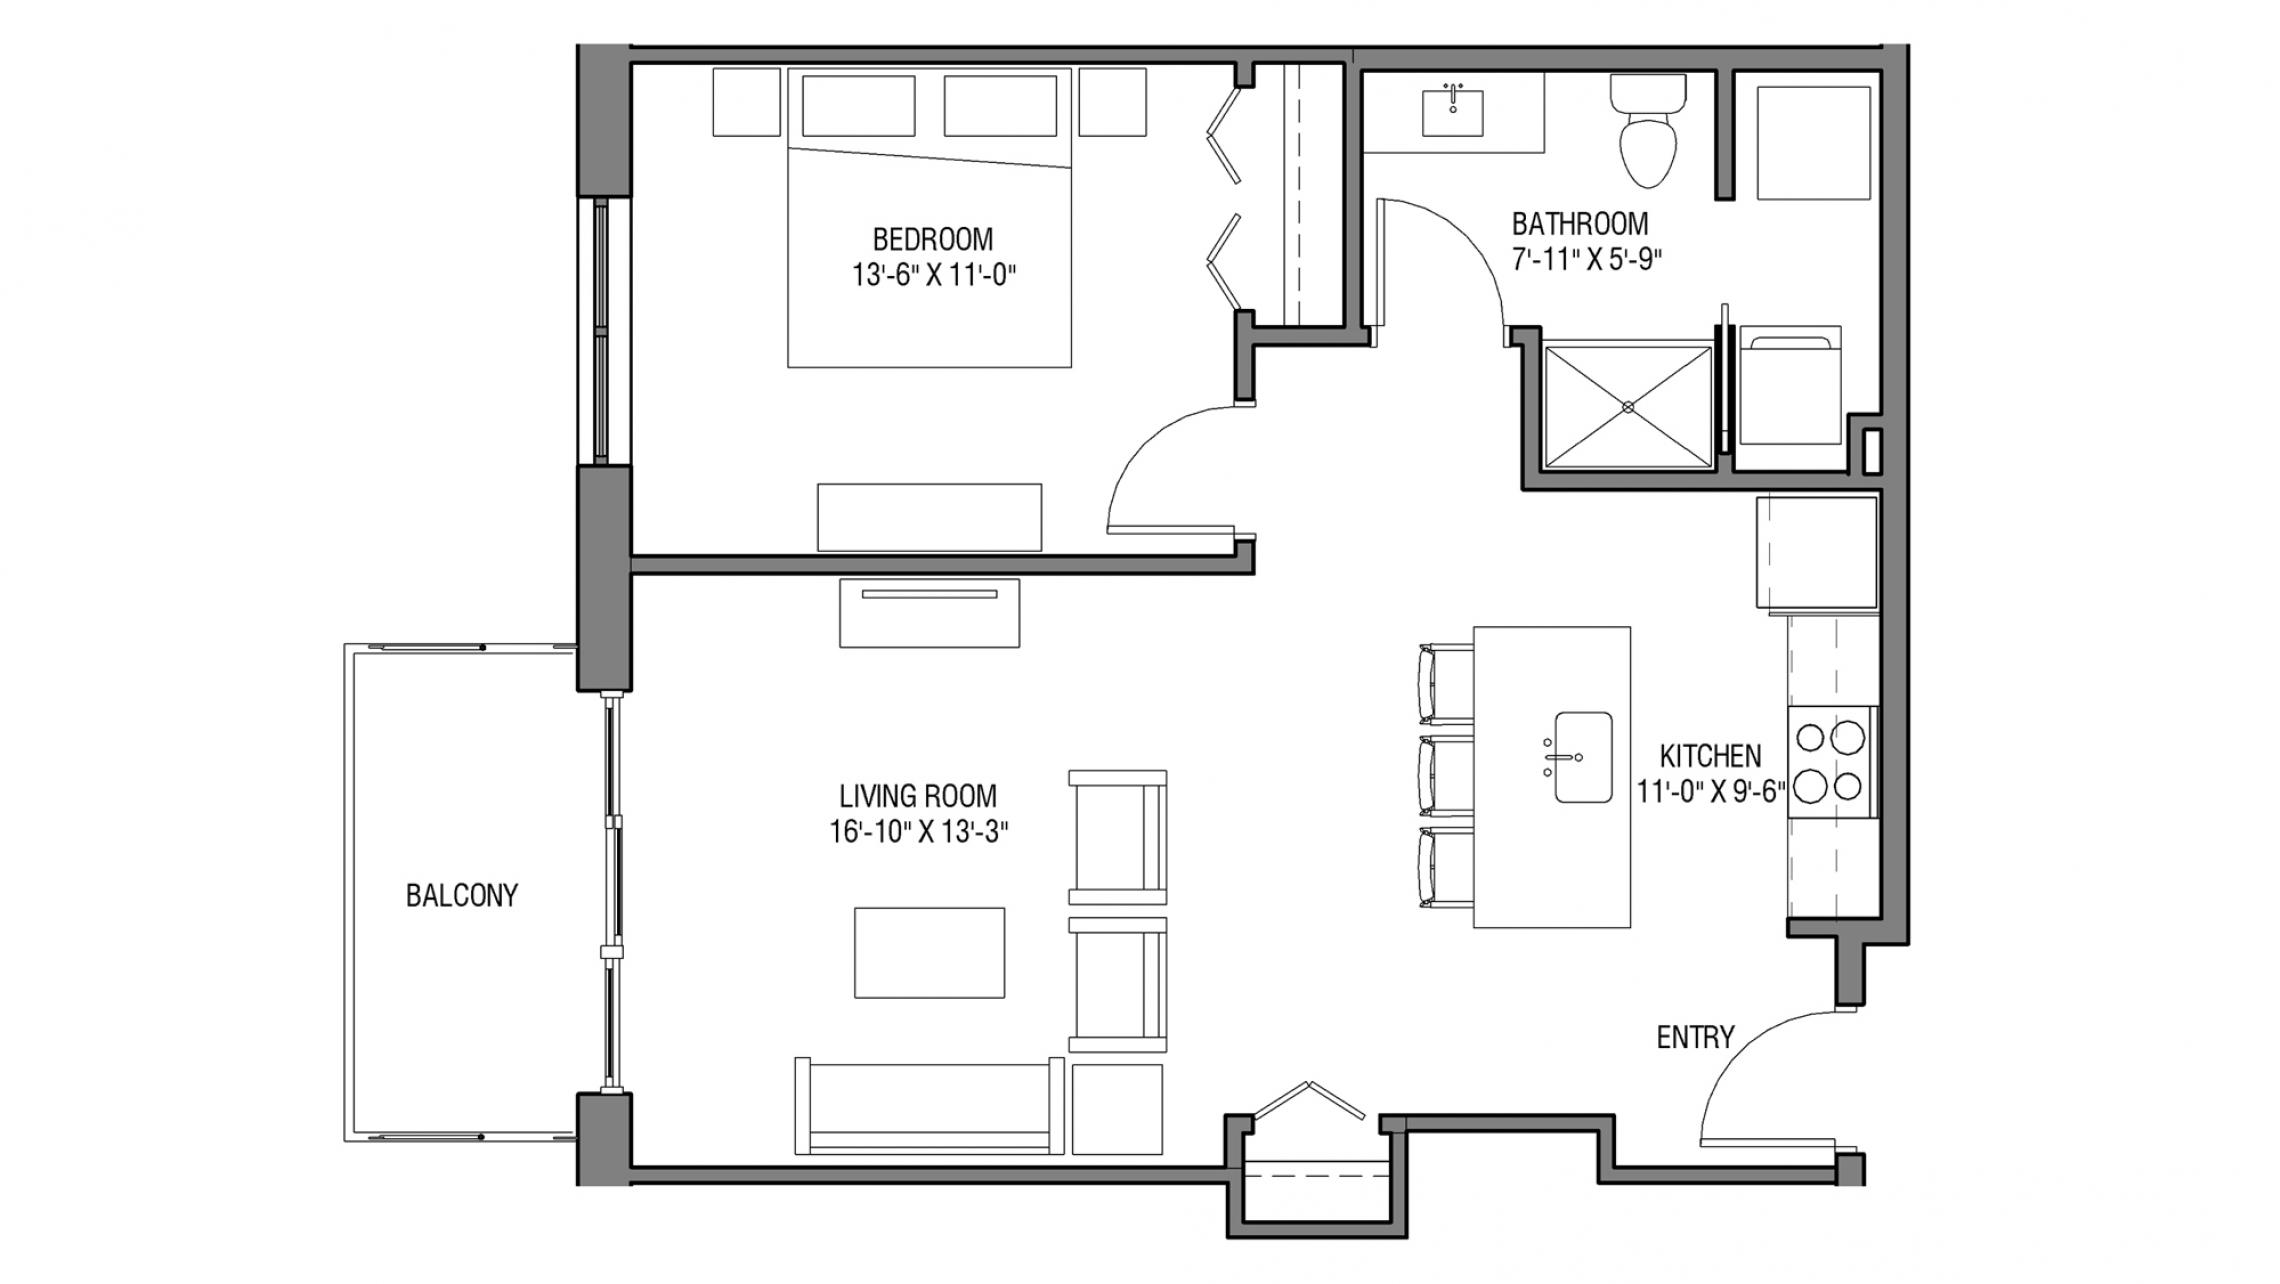 ULI Nine Line 521 - One Bedroom, One Bathroom